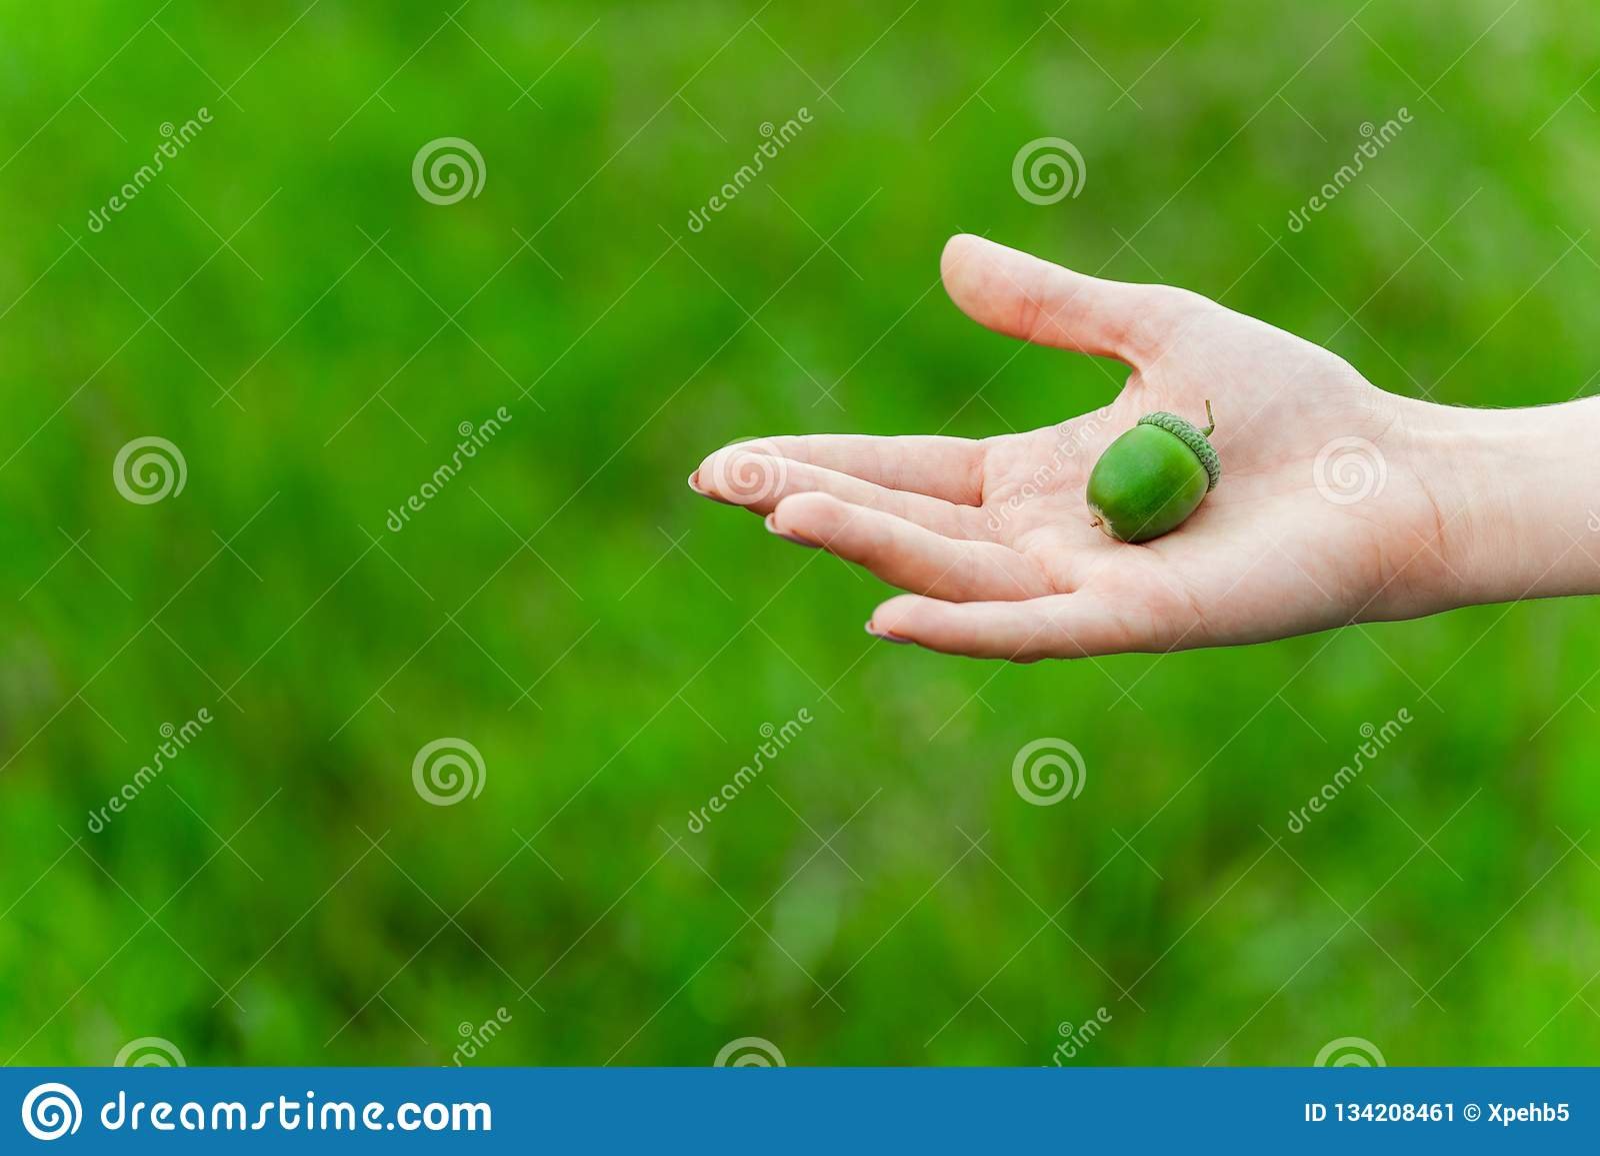 Bellota verde en la mano de la mujer